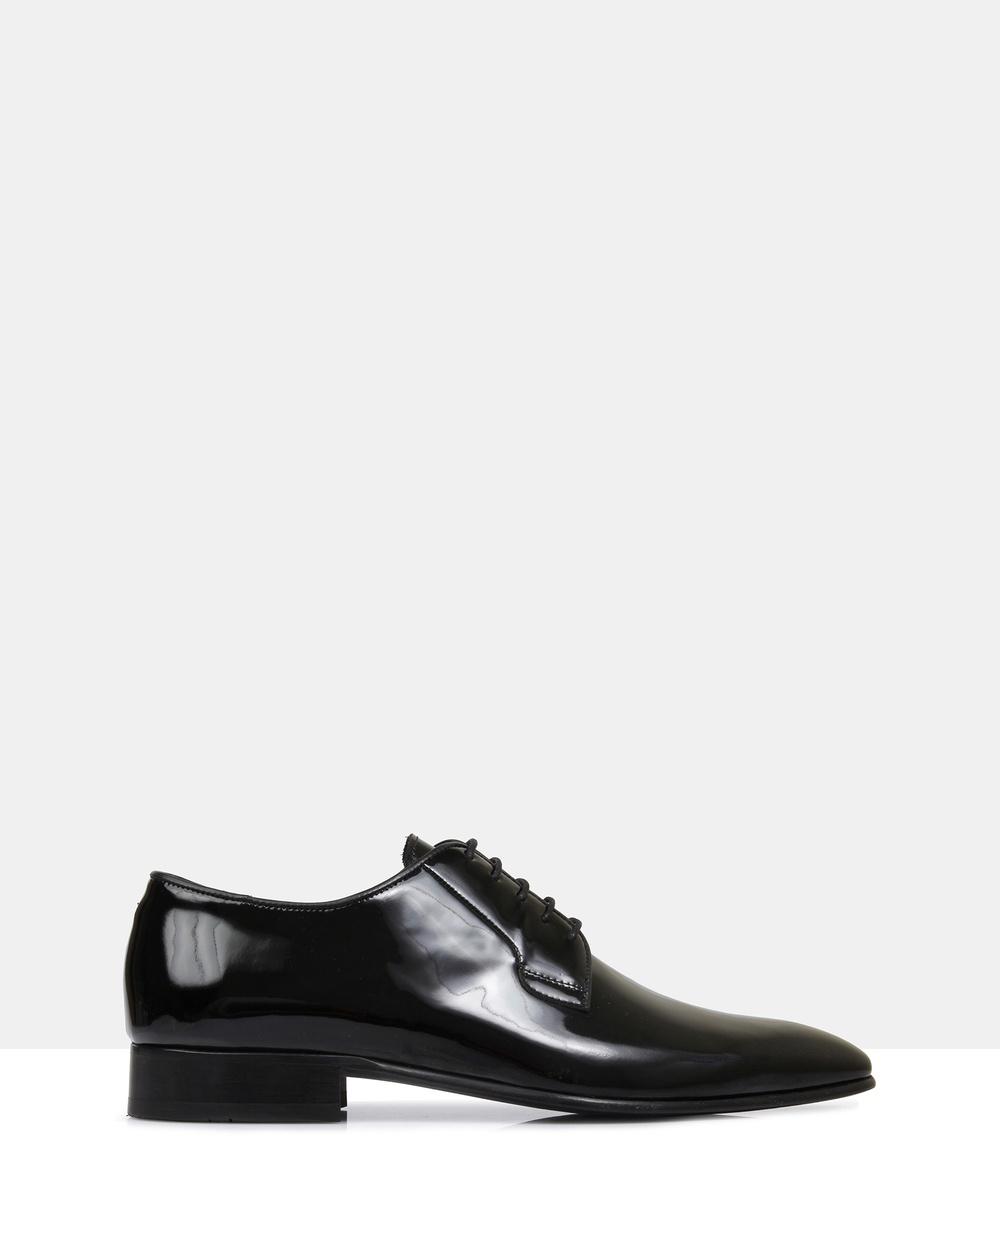 Brando Ellis Lace Up Dress Shoes Patent Black Australia